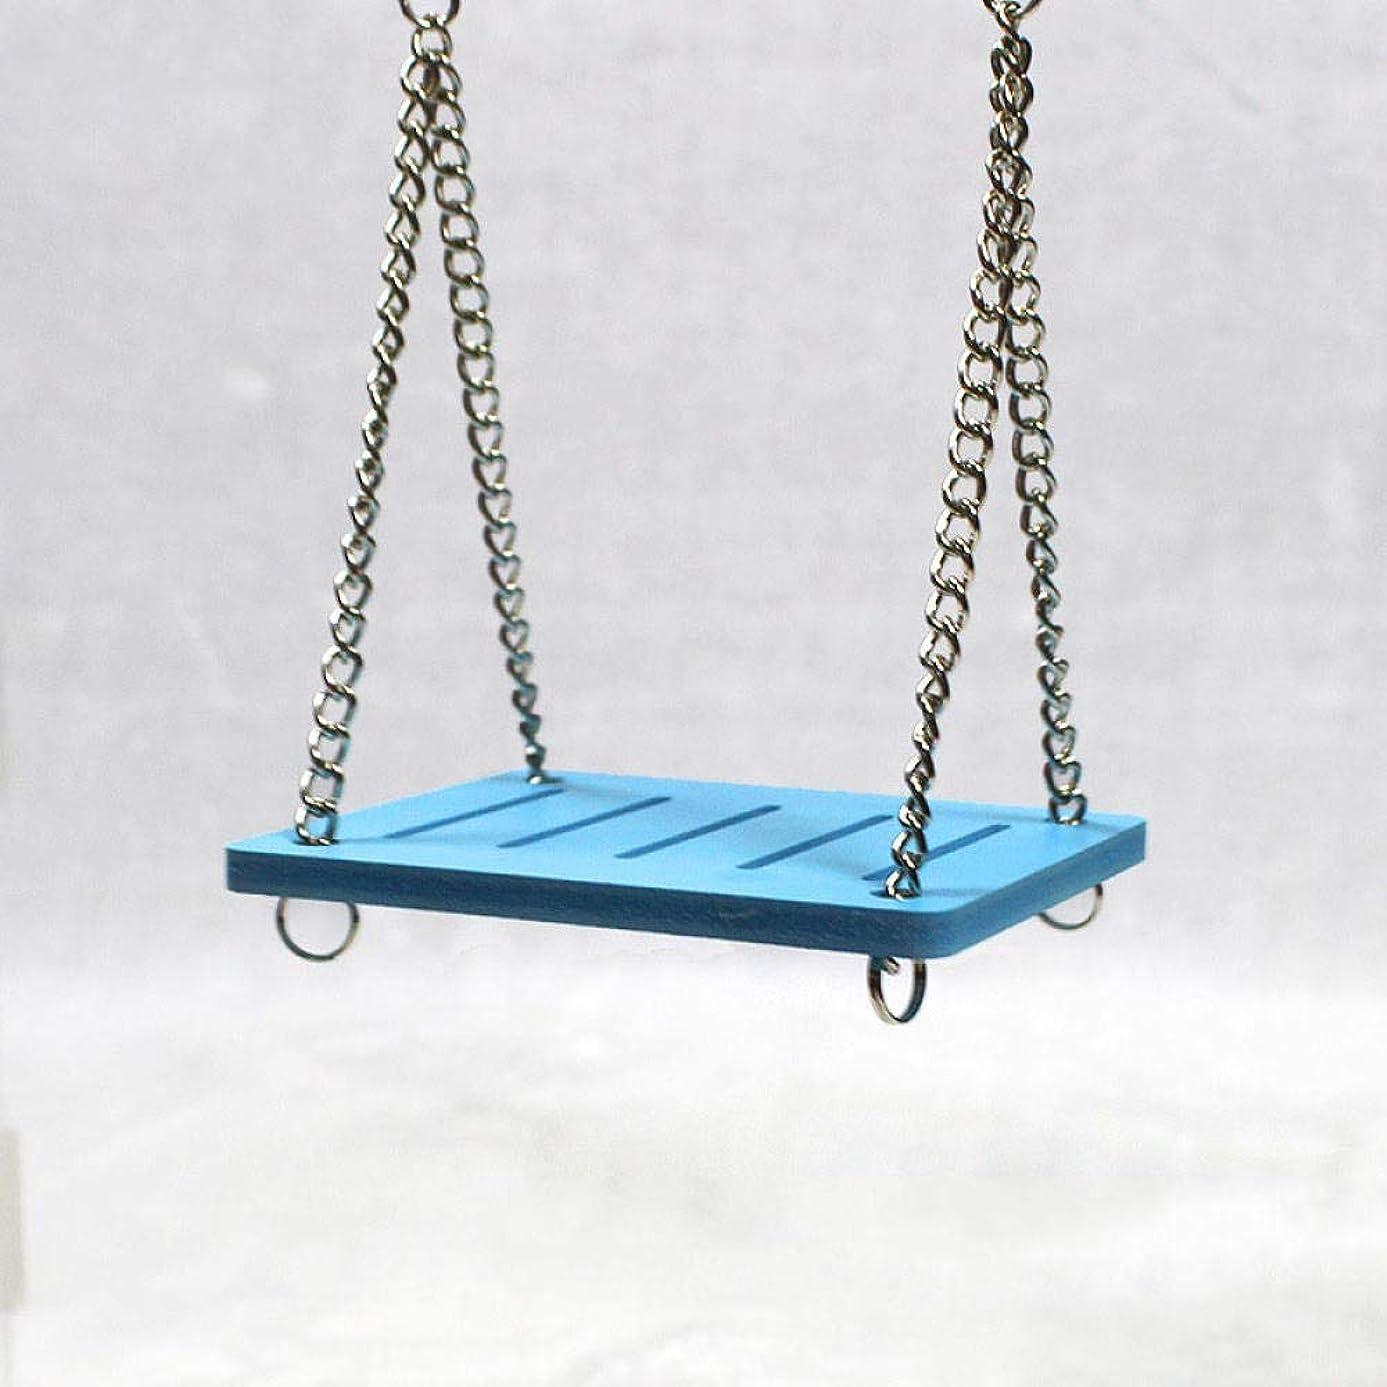 ドアミラー経営者タイマーかわいいオウムハムスター小さなスイングシェイクサスペンショングッズハンギングベッドペット製品エンターテイメント運動おもちゃブルー